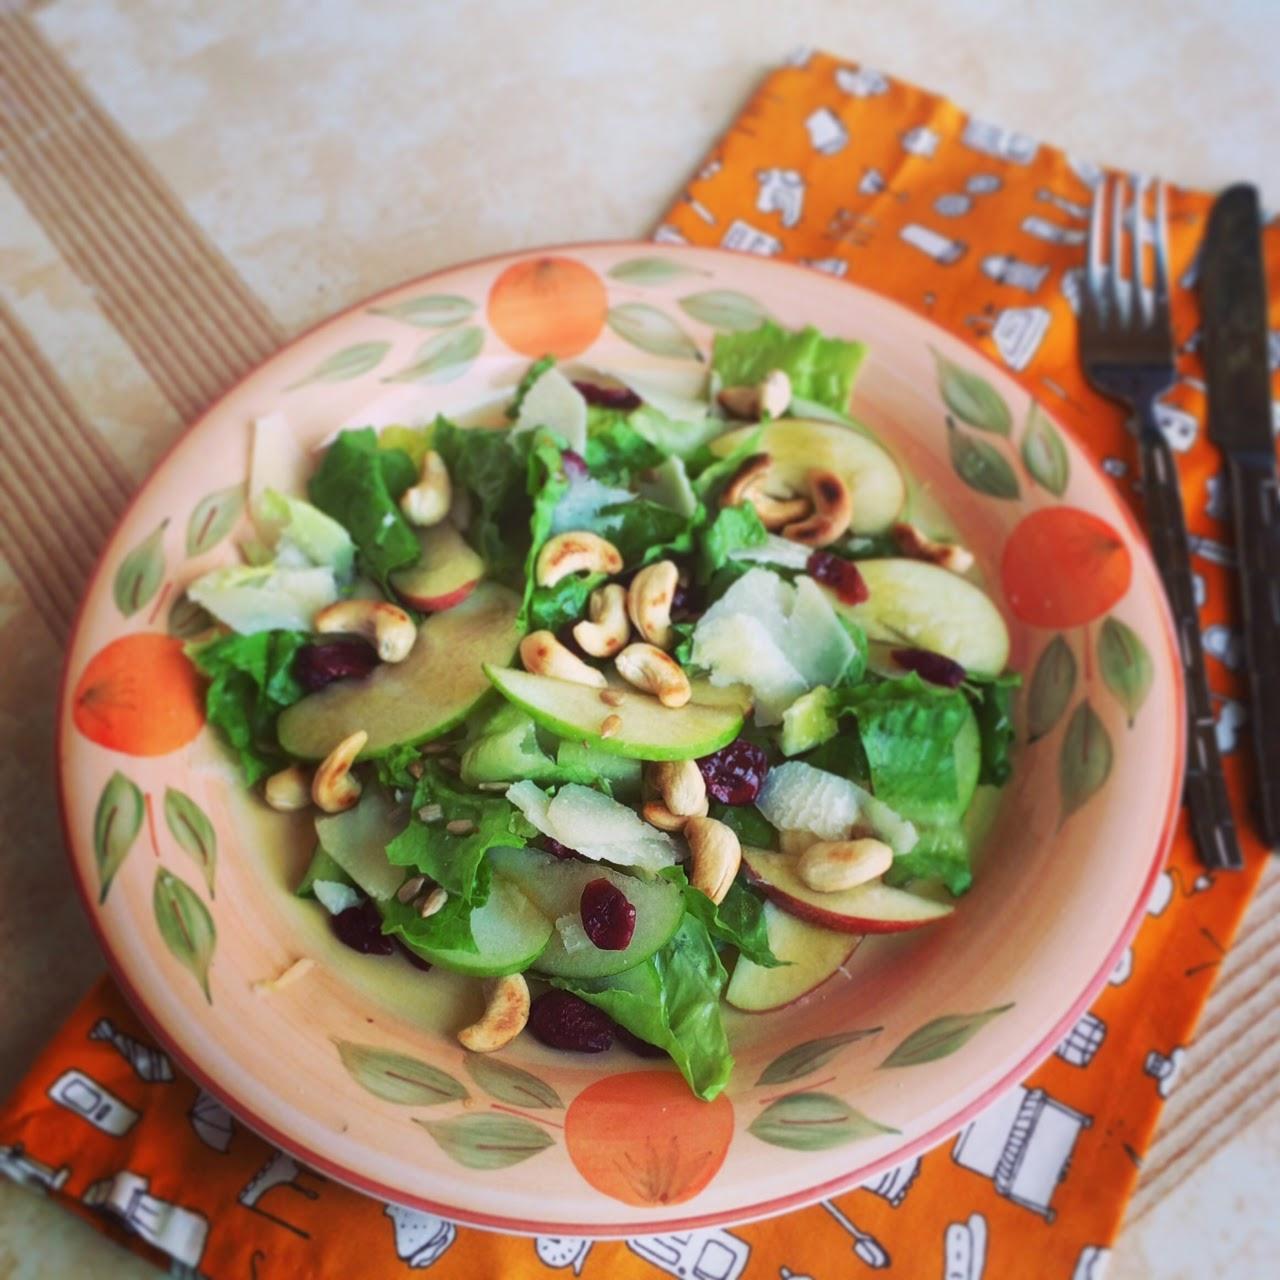 Салат с яблоками, орехами, вяленой клюквой и твердым сыром